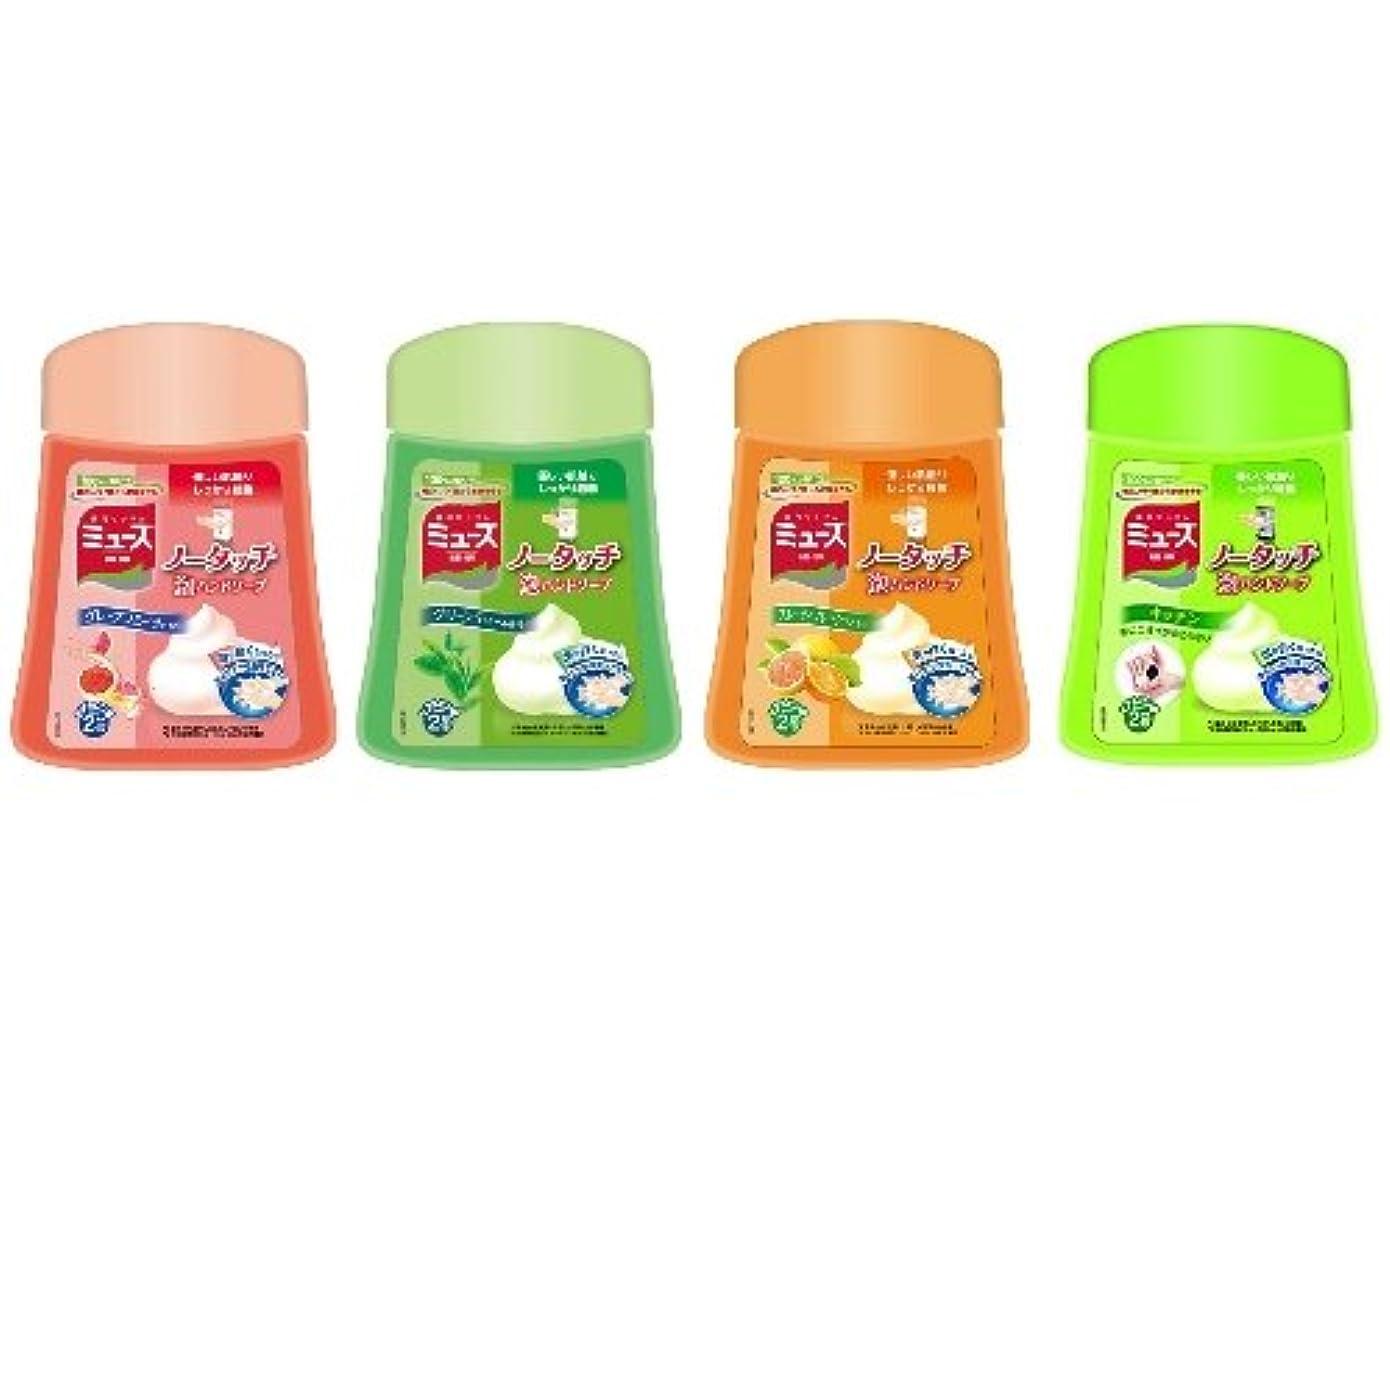 すべきテキスト考えるミューズ ハンドソープ 石鹸 詰替え用 250ml×4個